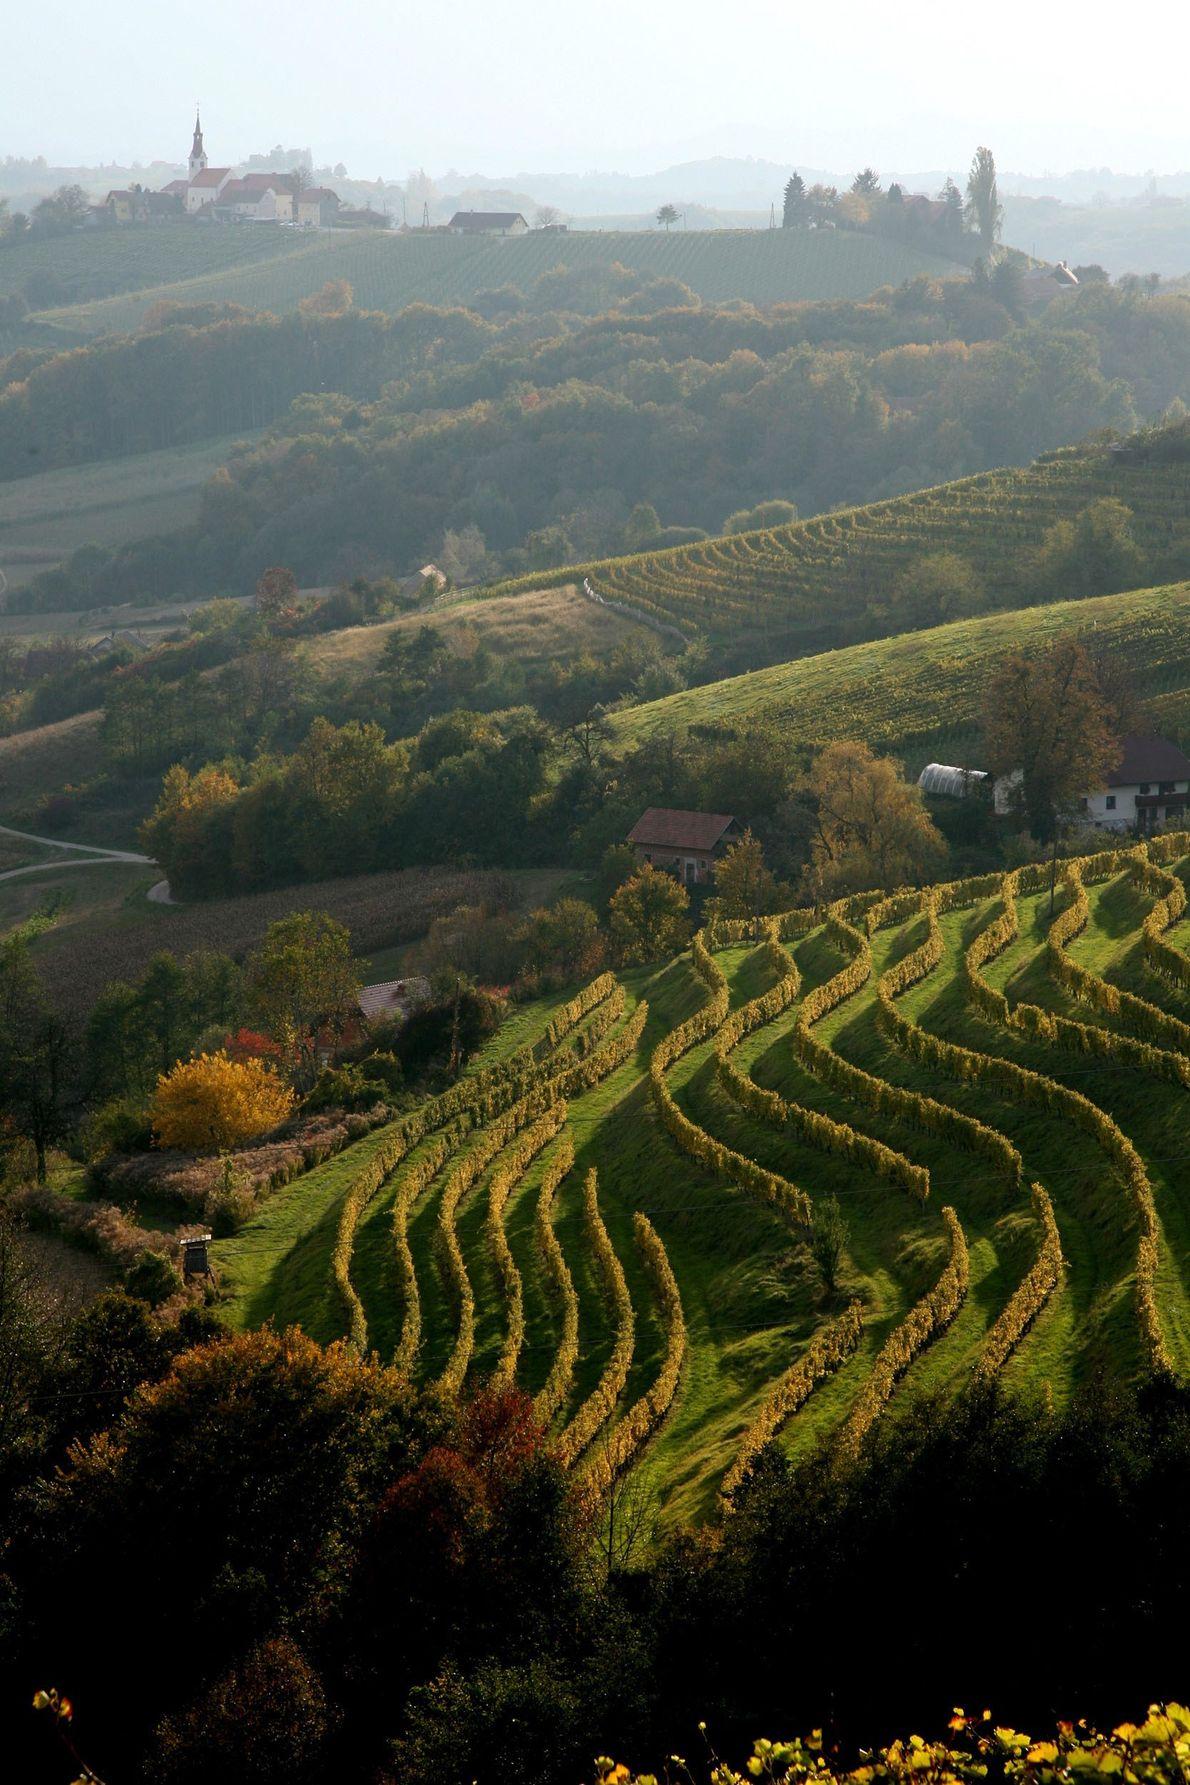 Vue sur les collines environnantes de Jeruzalem, située dans les collines slovènes, au nord-est du pays. ...